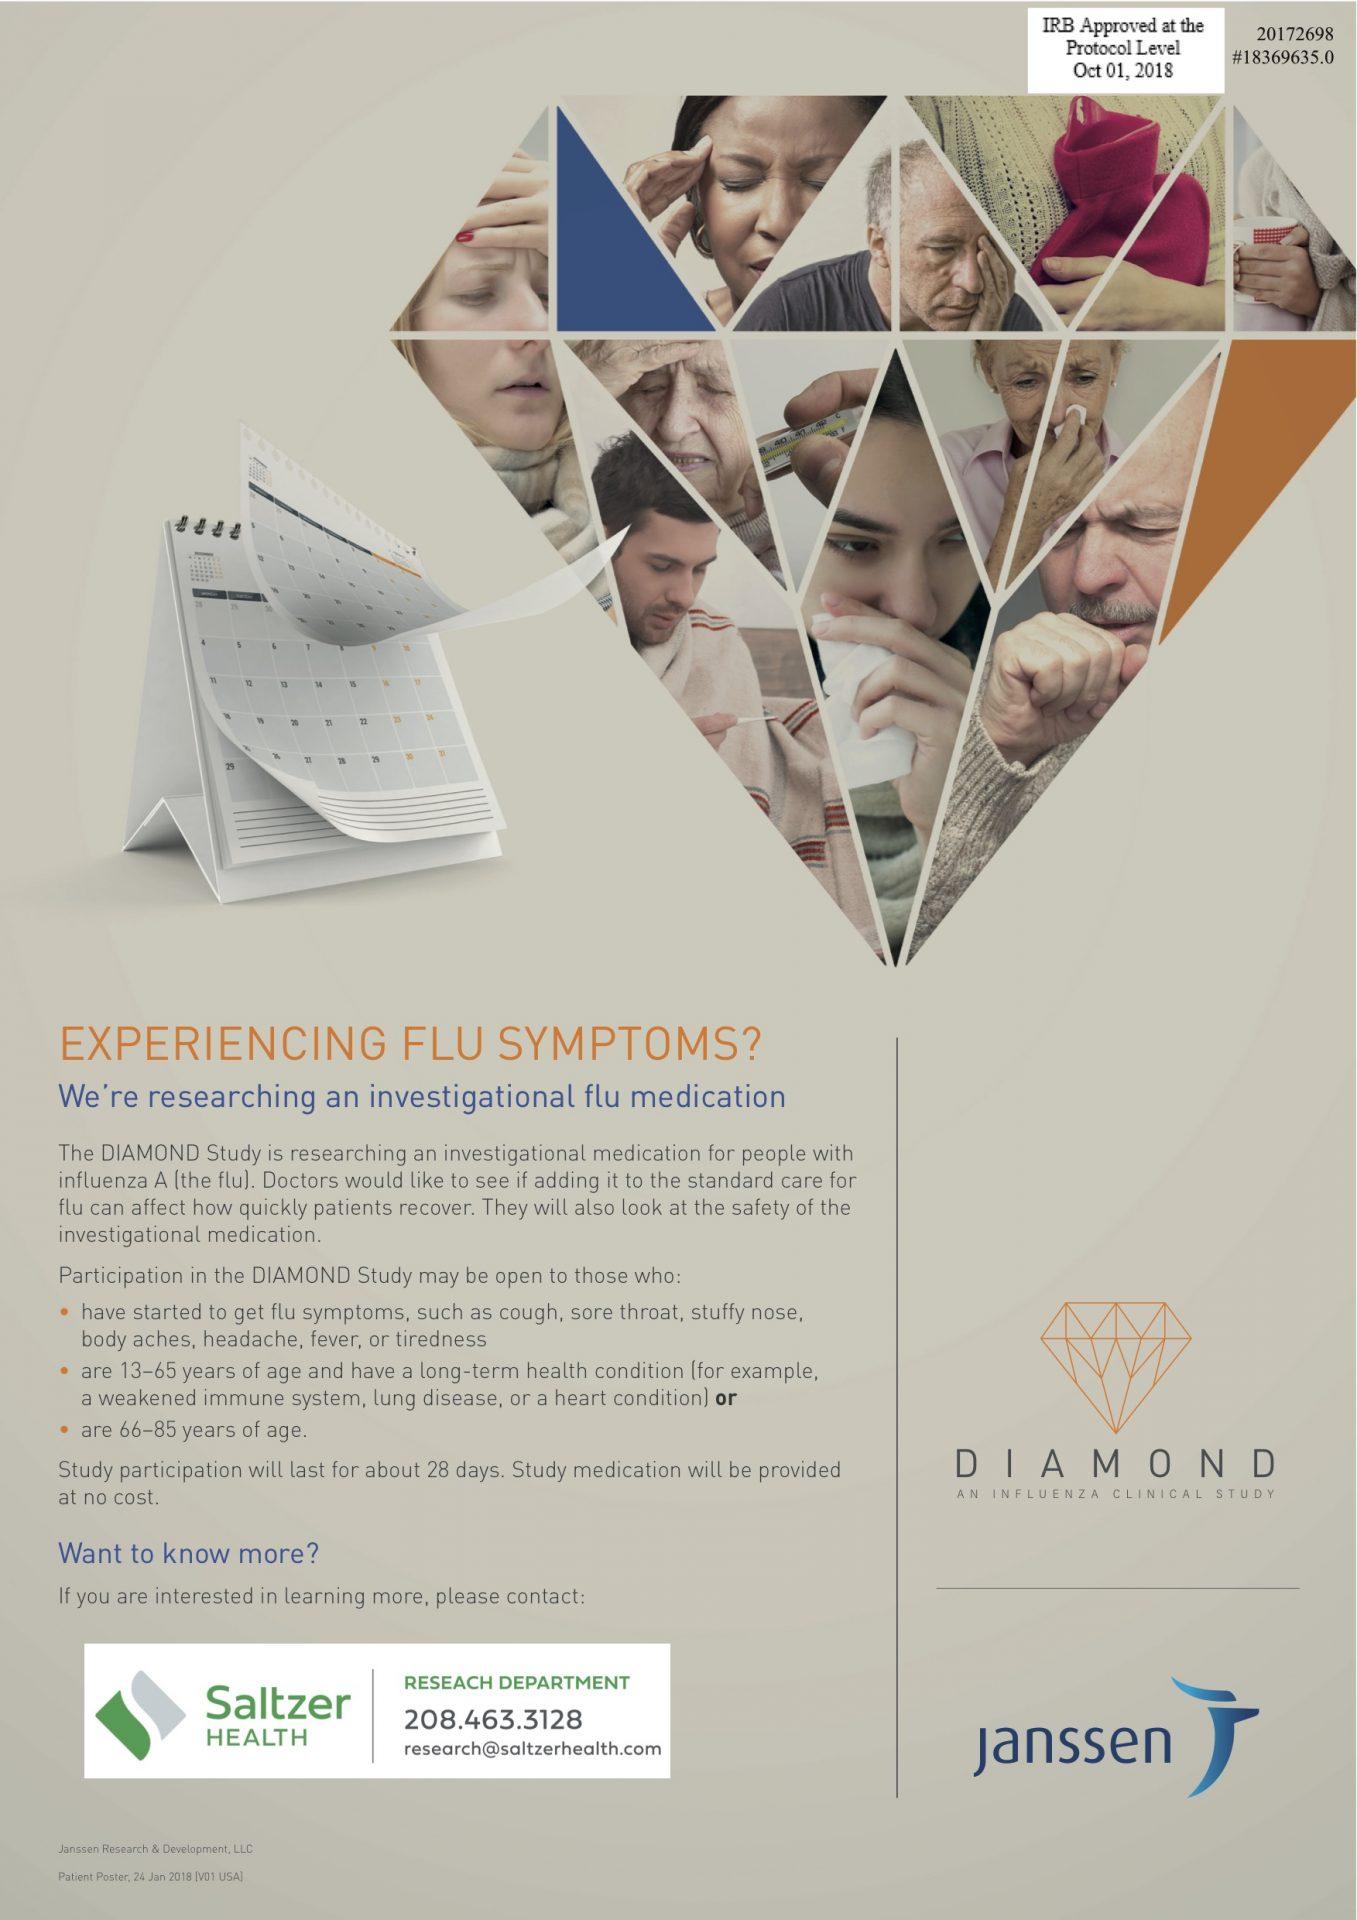 Diamond Infleunza Study poster